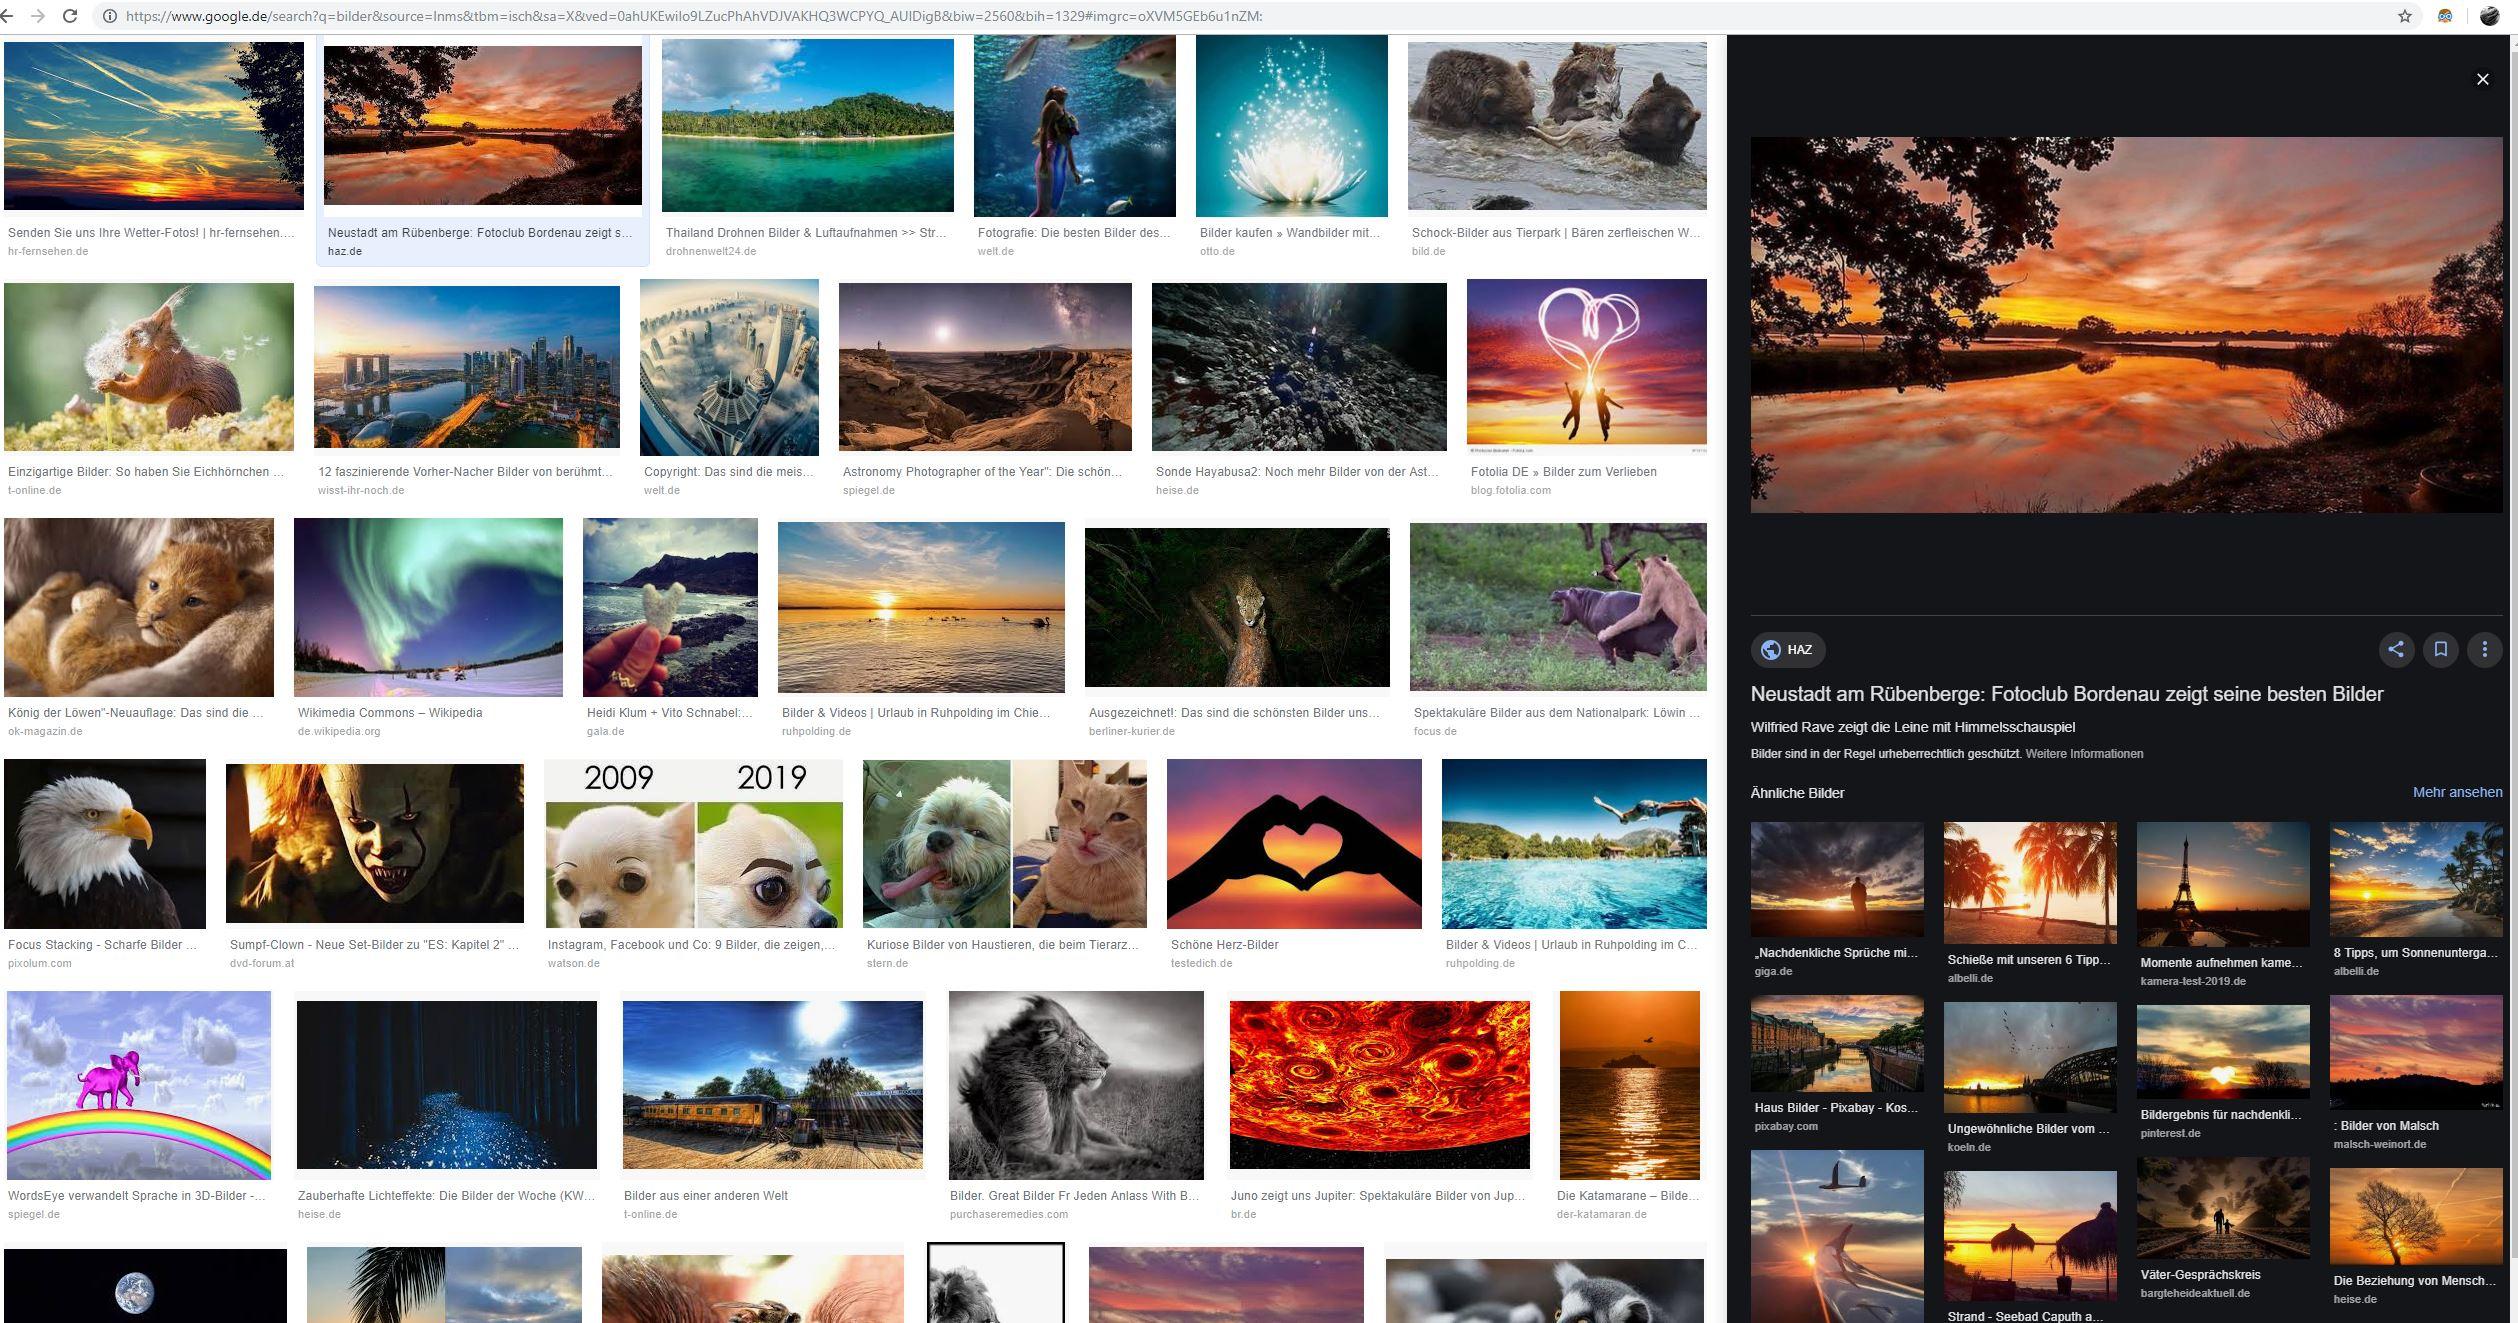 Alle Anderen 2009 google-bilder werden neuerdings auf der rechten seite des